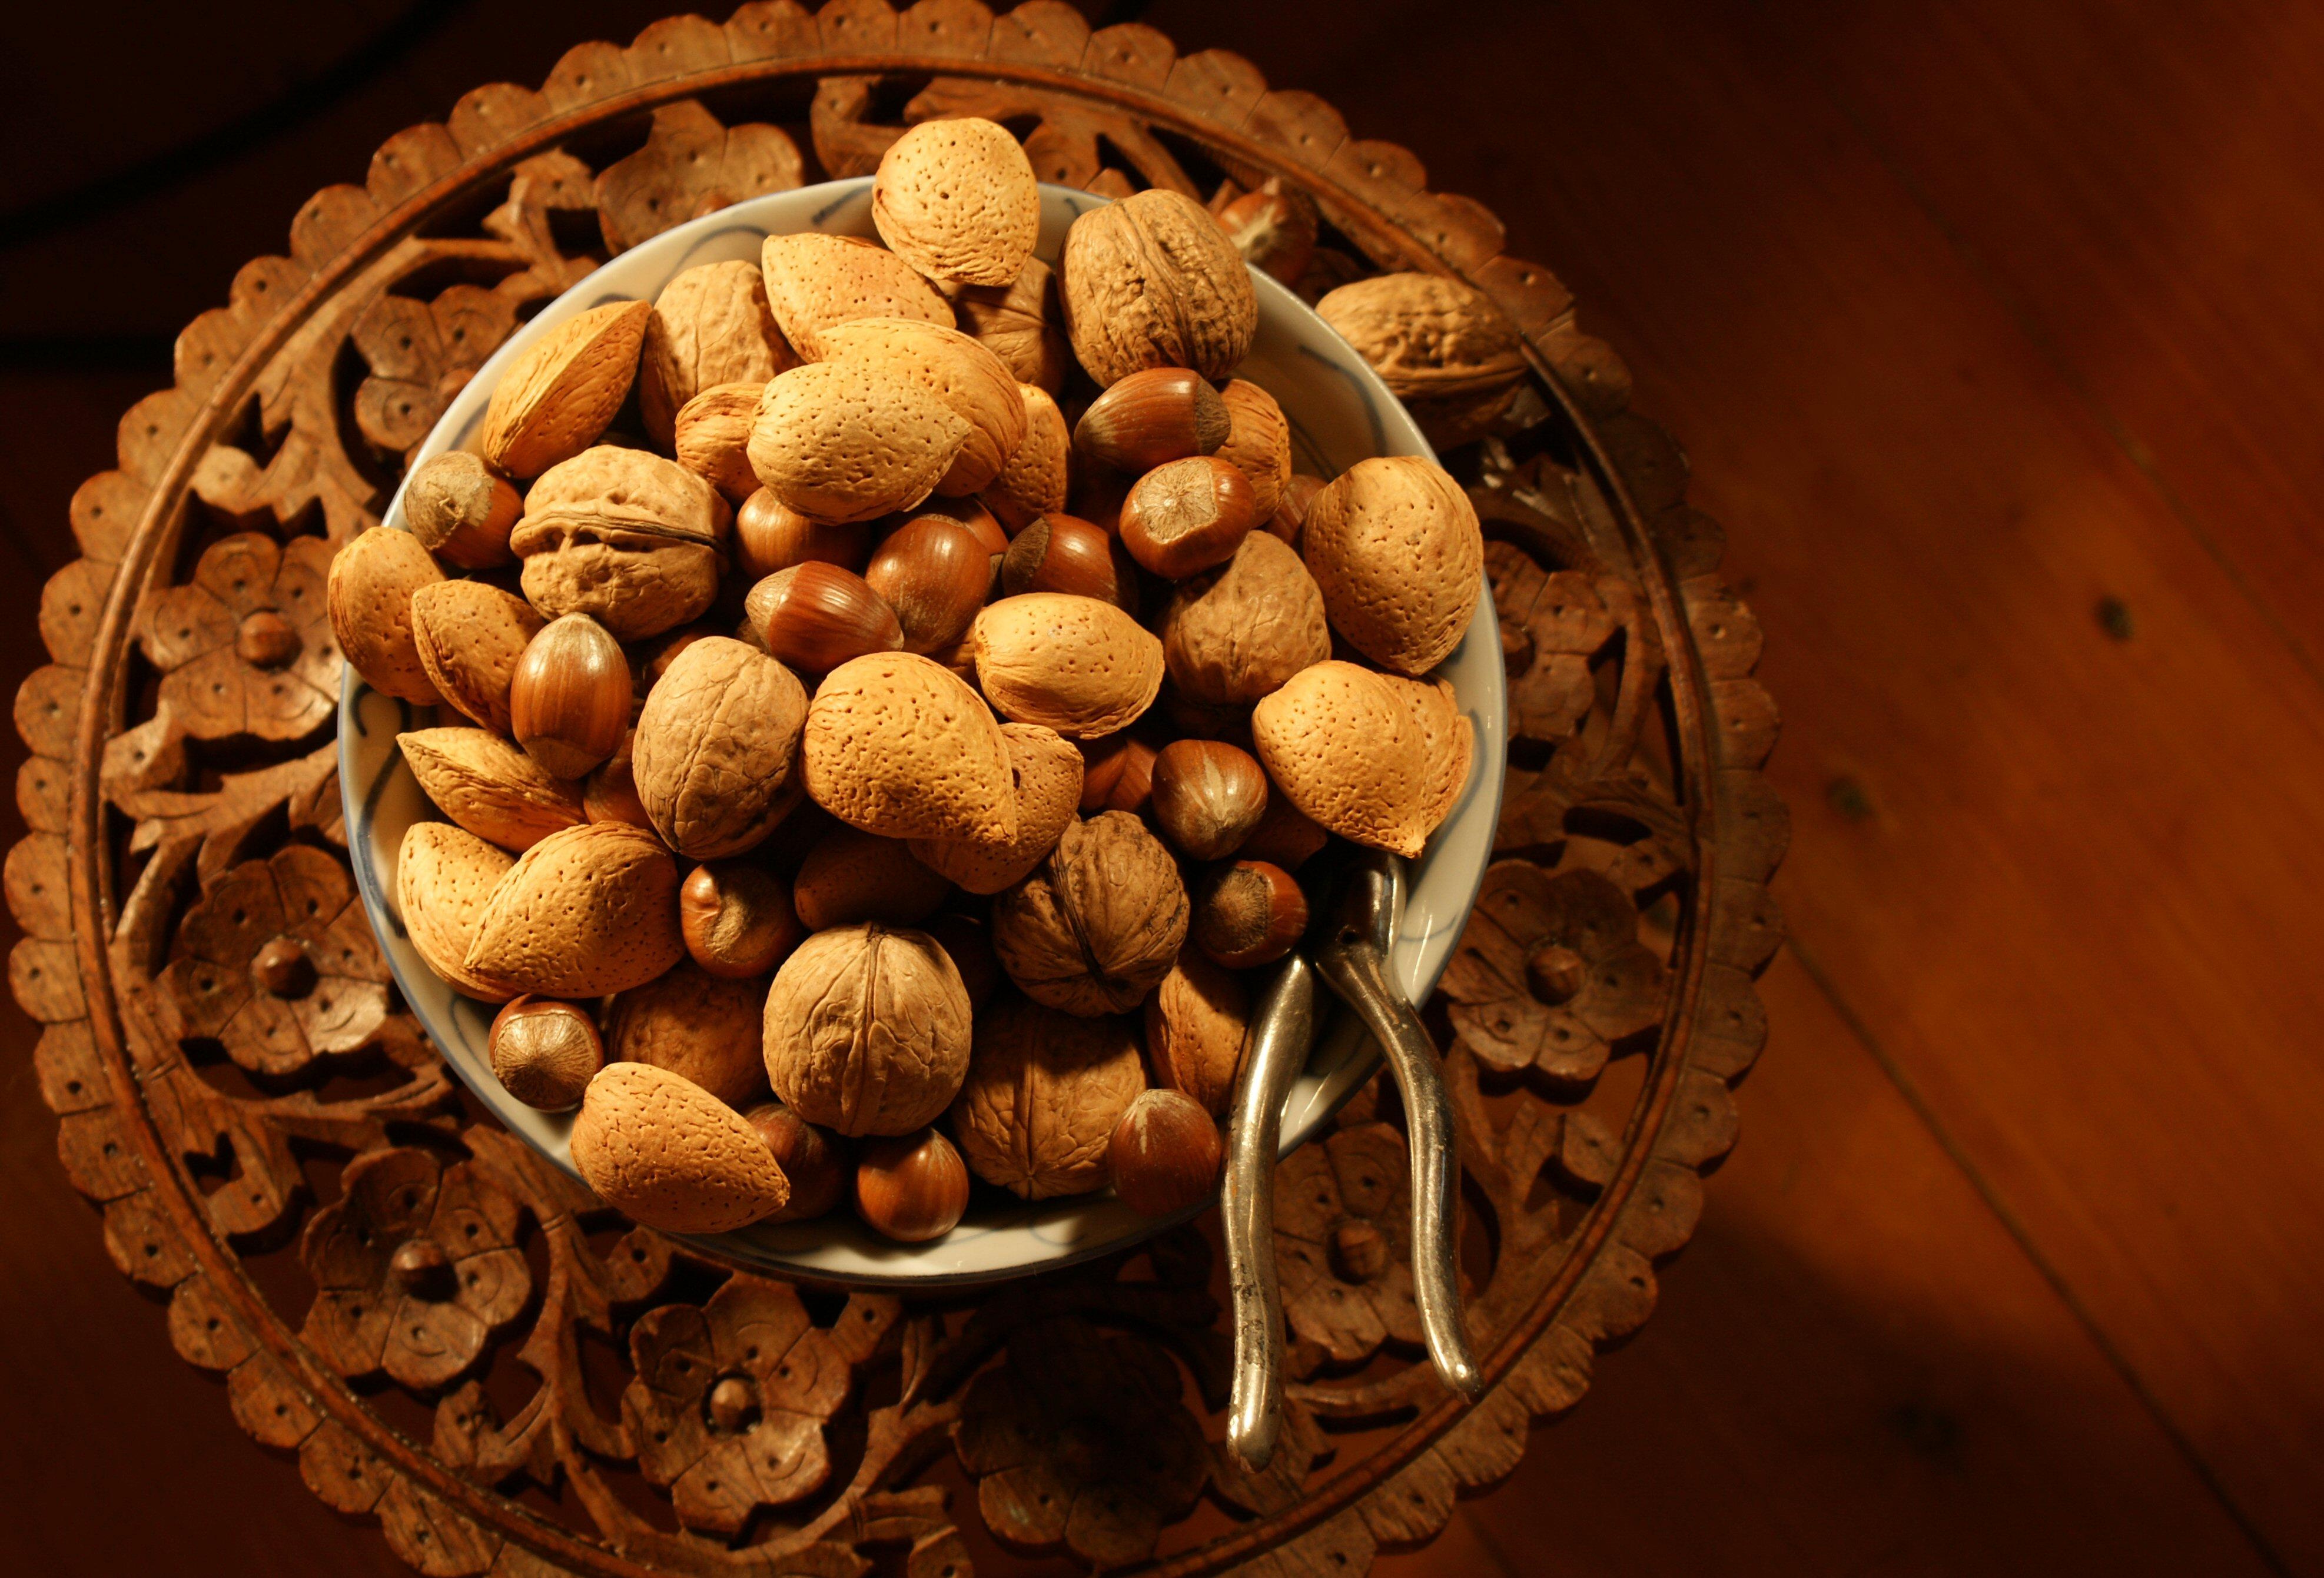 sfatulparintilor.ro - surse omega 3 vegetale - credit foto stockfreeimages.com